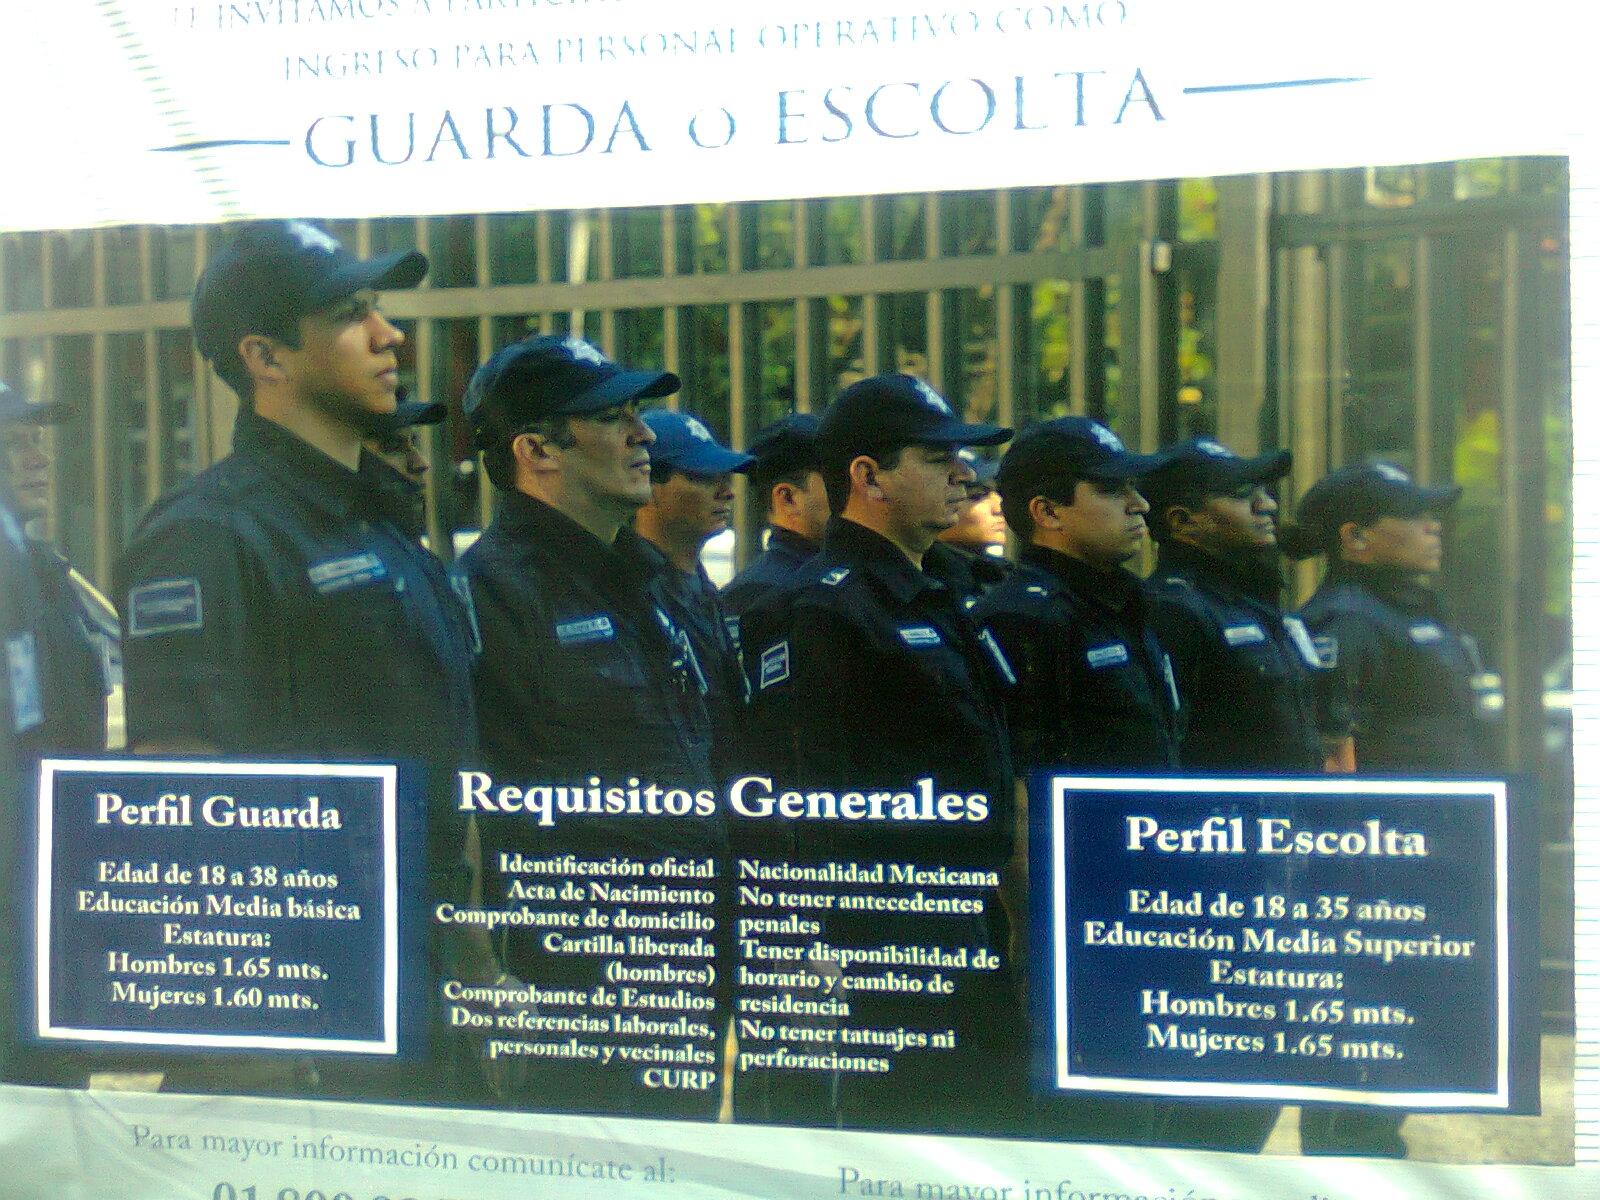 Ingreso al Servicio de Protección Federal (Perfiles Escolta y Guardia) - Página 5 Zockqs